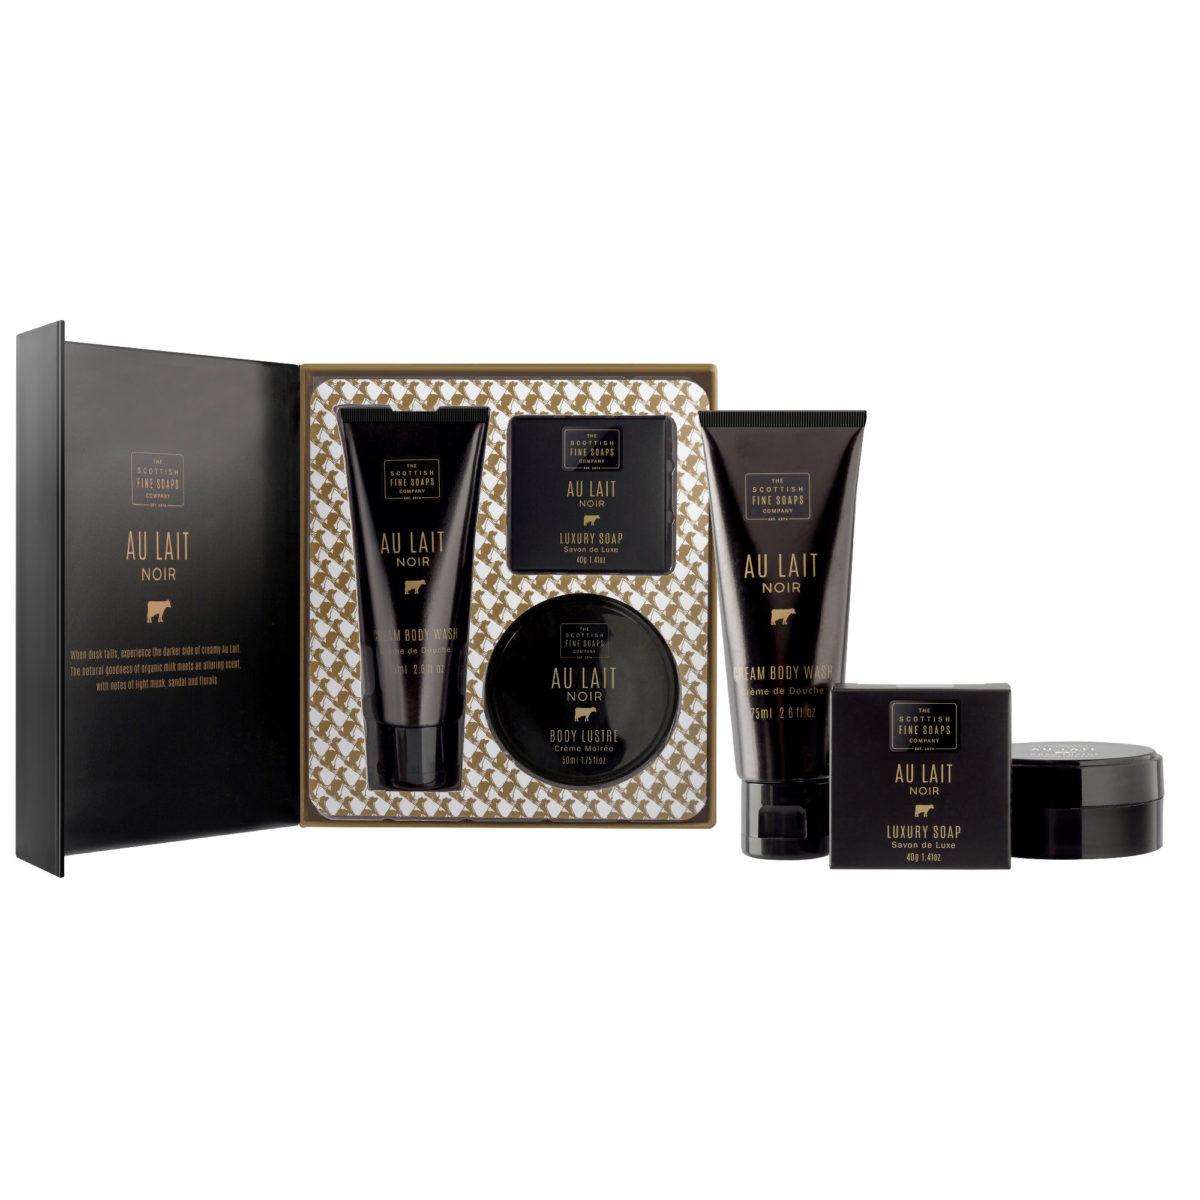 Au Lait Noir Luxurious Gift Set